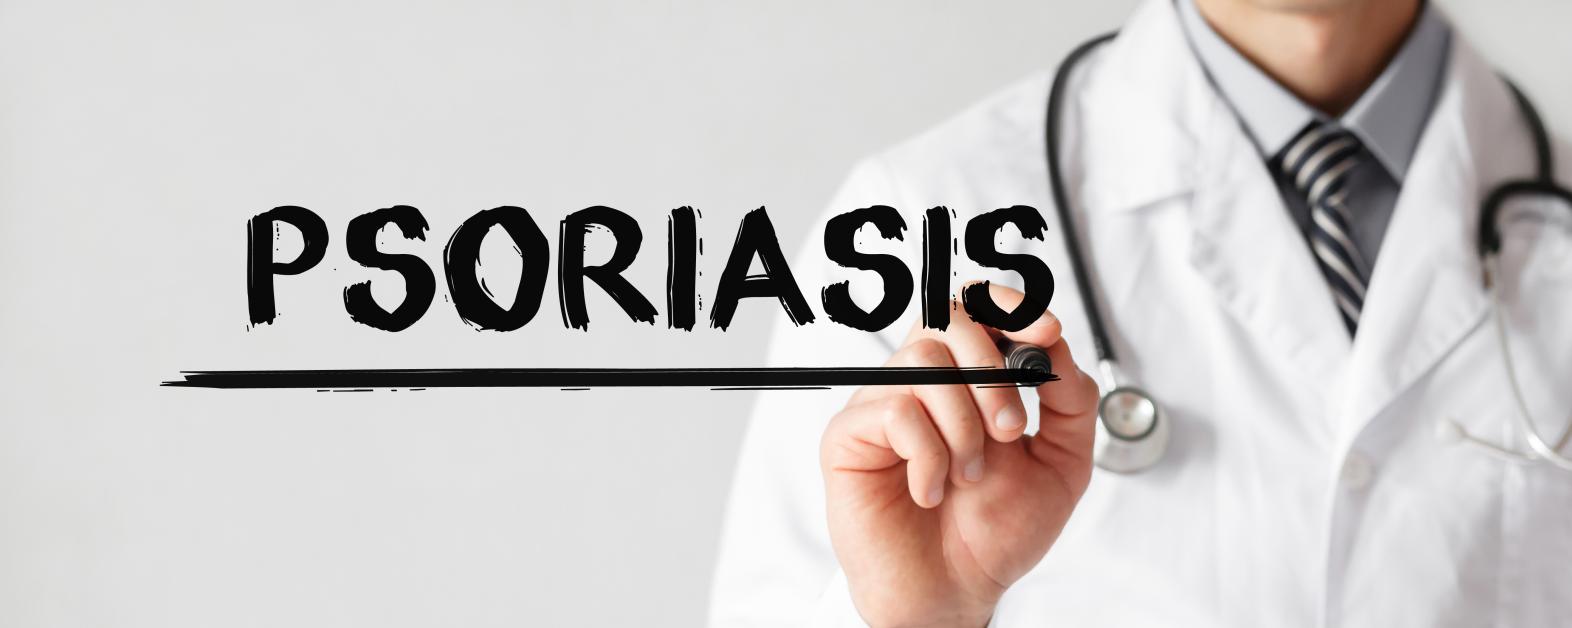 Psoriasis - Ursachen und Behandlung